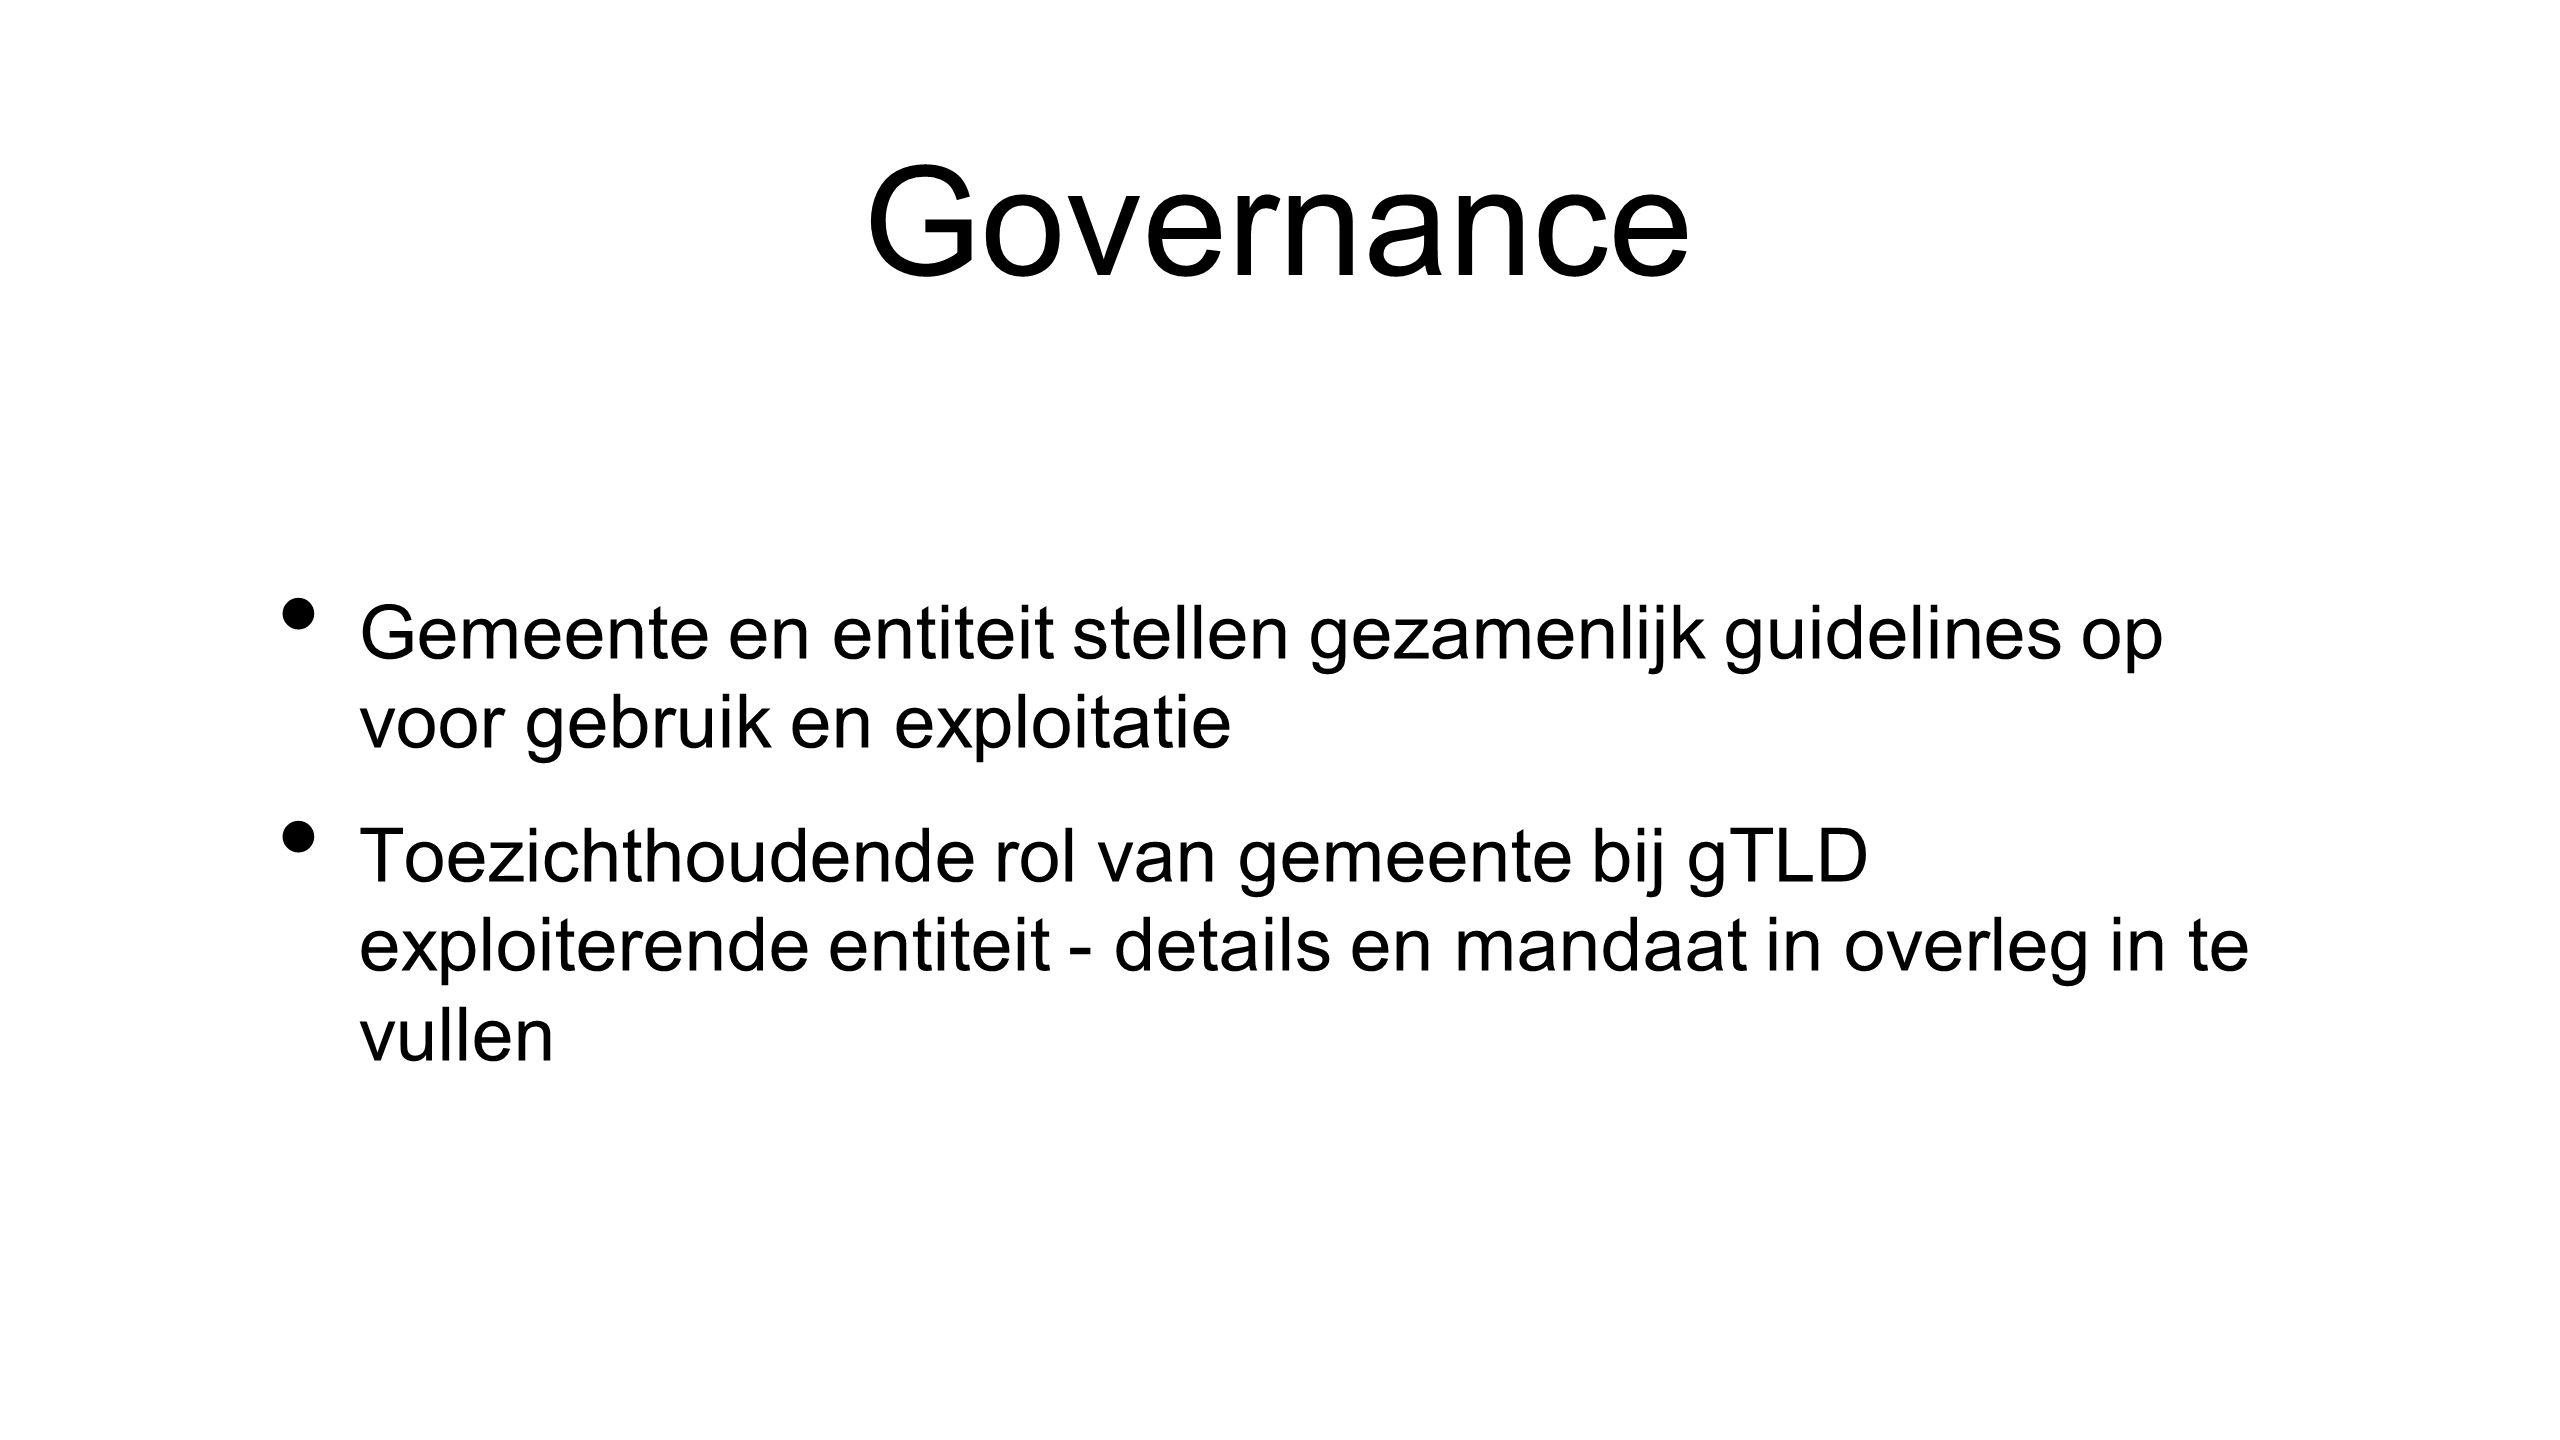 Governance • Gemeente en entiteit stellen gezamenlijk guidelines op voor gebruik en exploitatie • Toezichthoudende rol van gemeente bij gTLD exploiterende entiteit - details en mandaat in overleg in te vullen